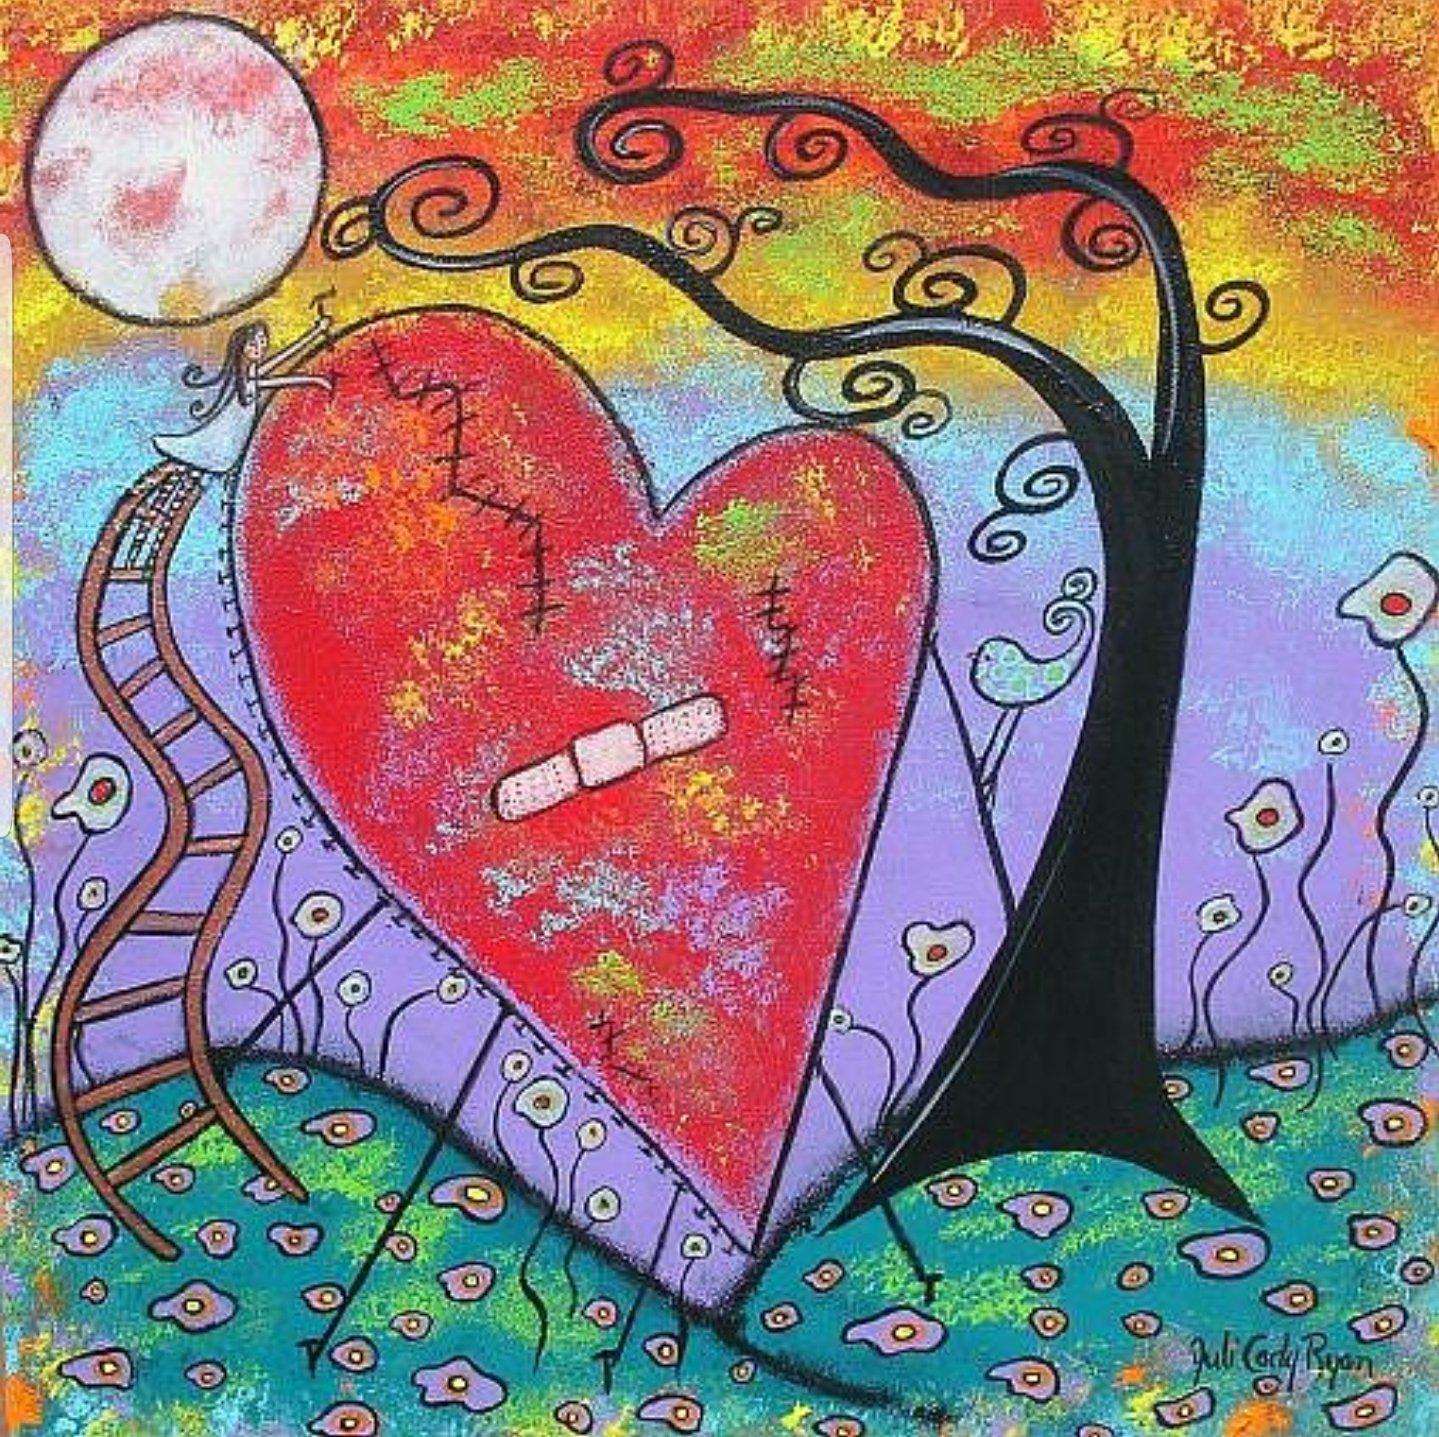 Riparare il cuore